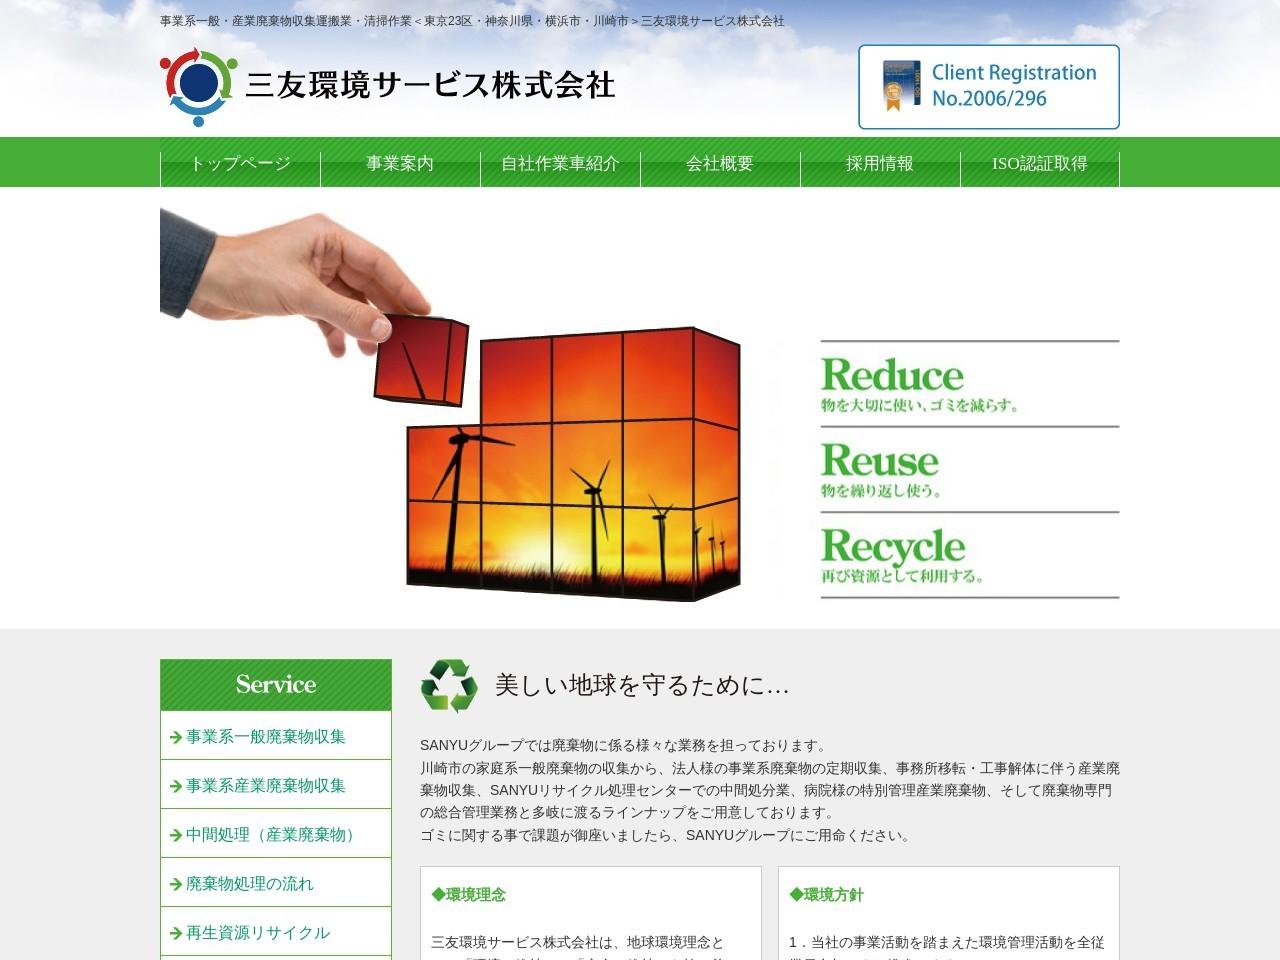 三友環境サービス株式会社